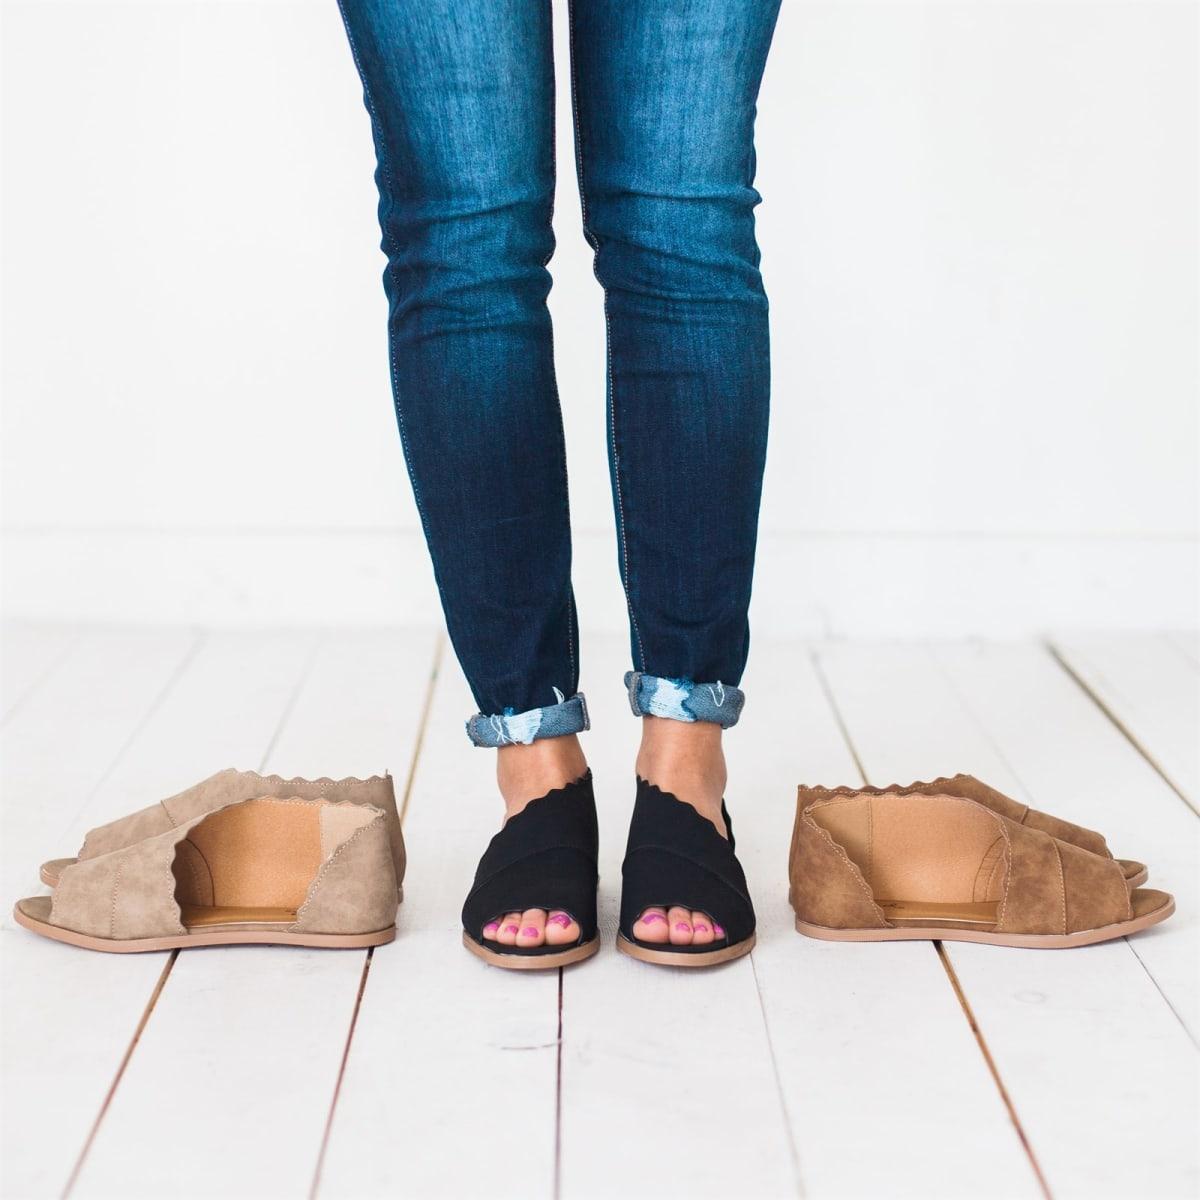 Scalloped Peep-Toe Flats